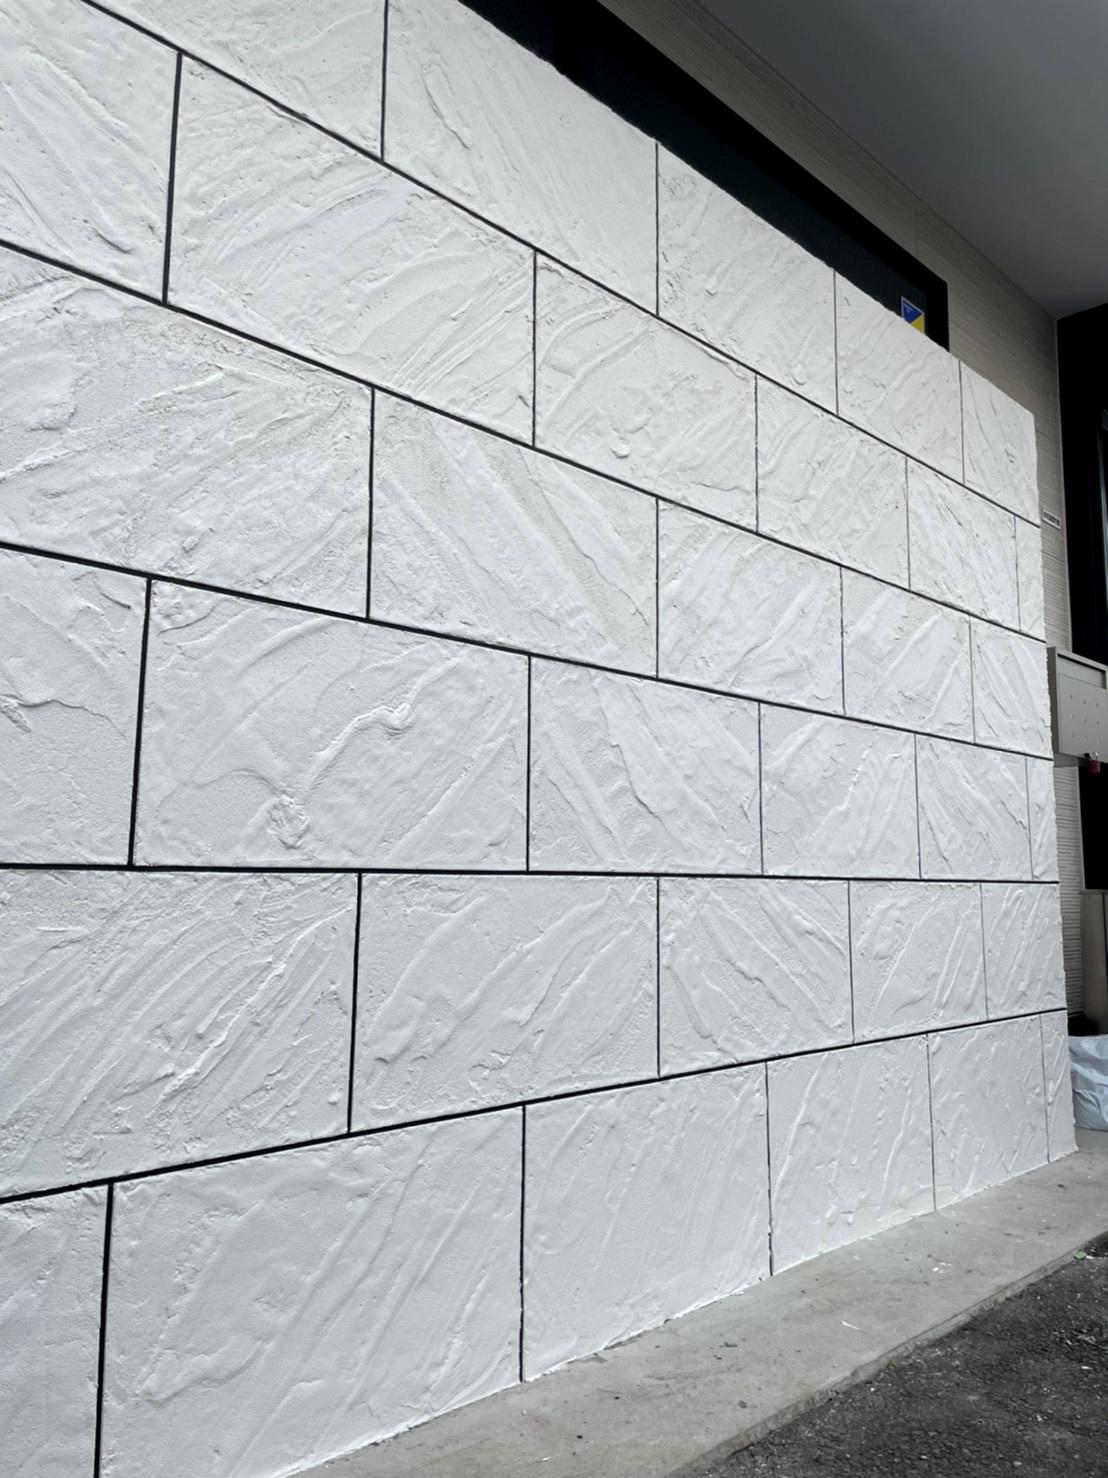 神奈川県 アートフリーダム株式会社 グランドアートウォール施工イメージ3505_03